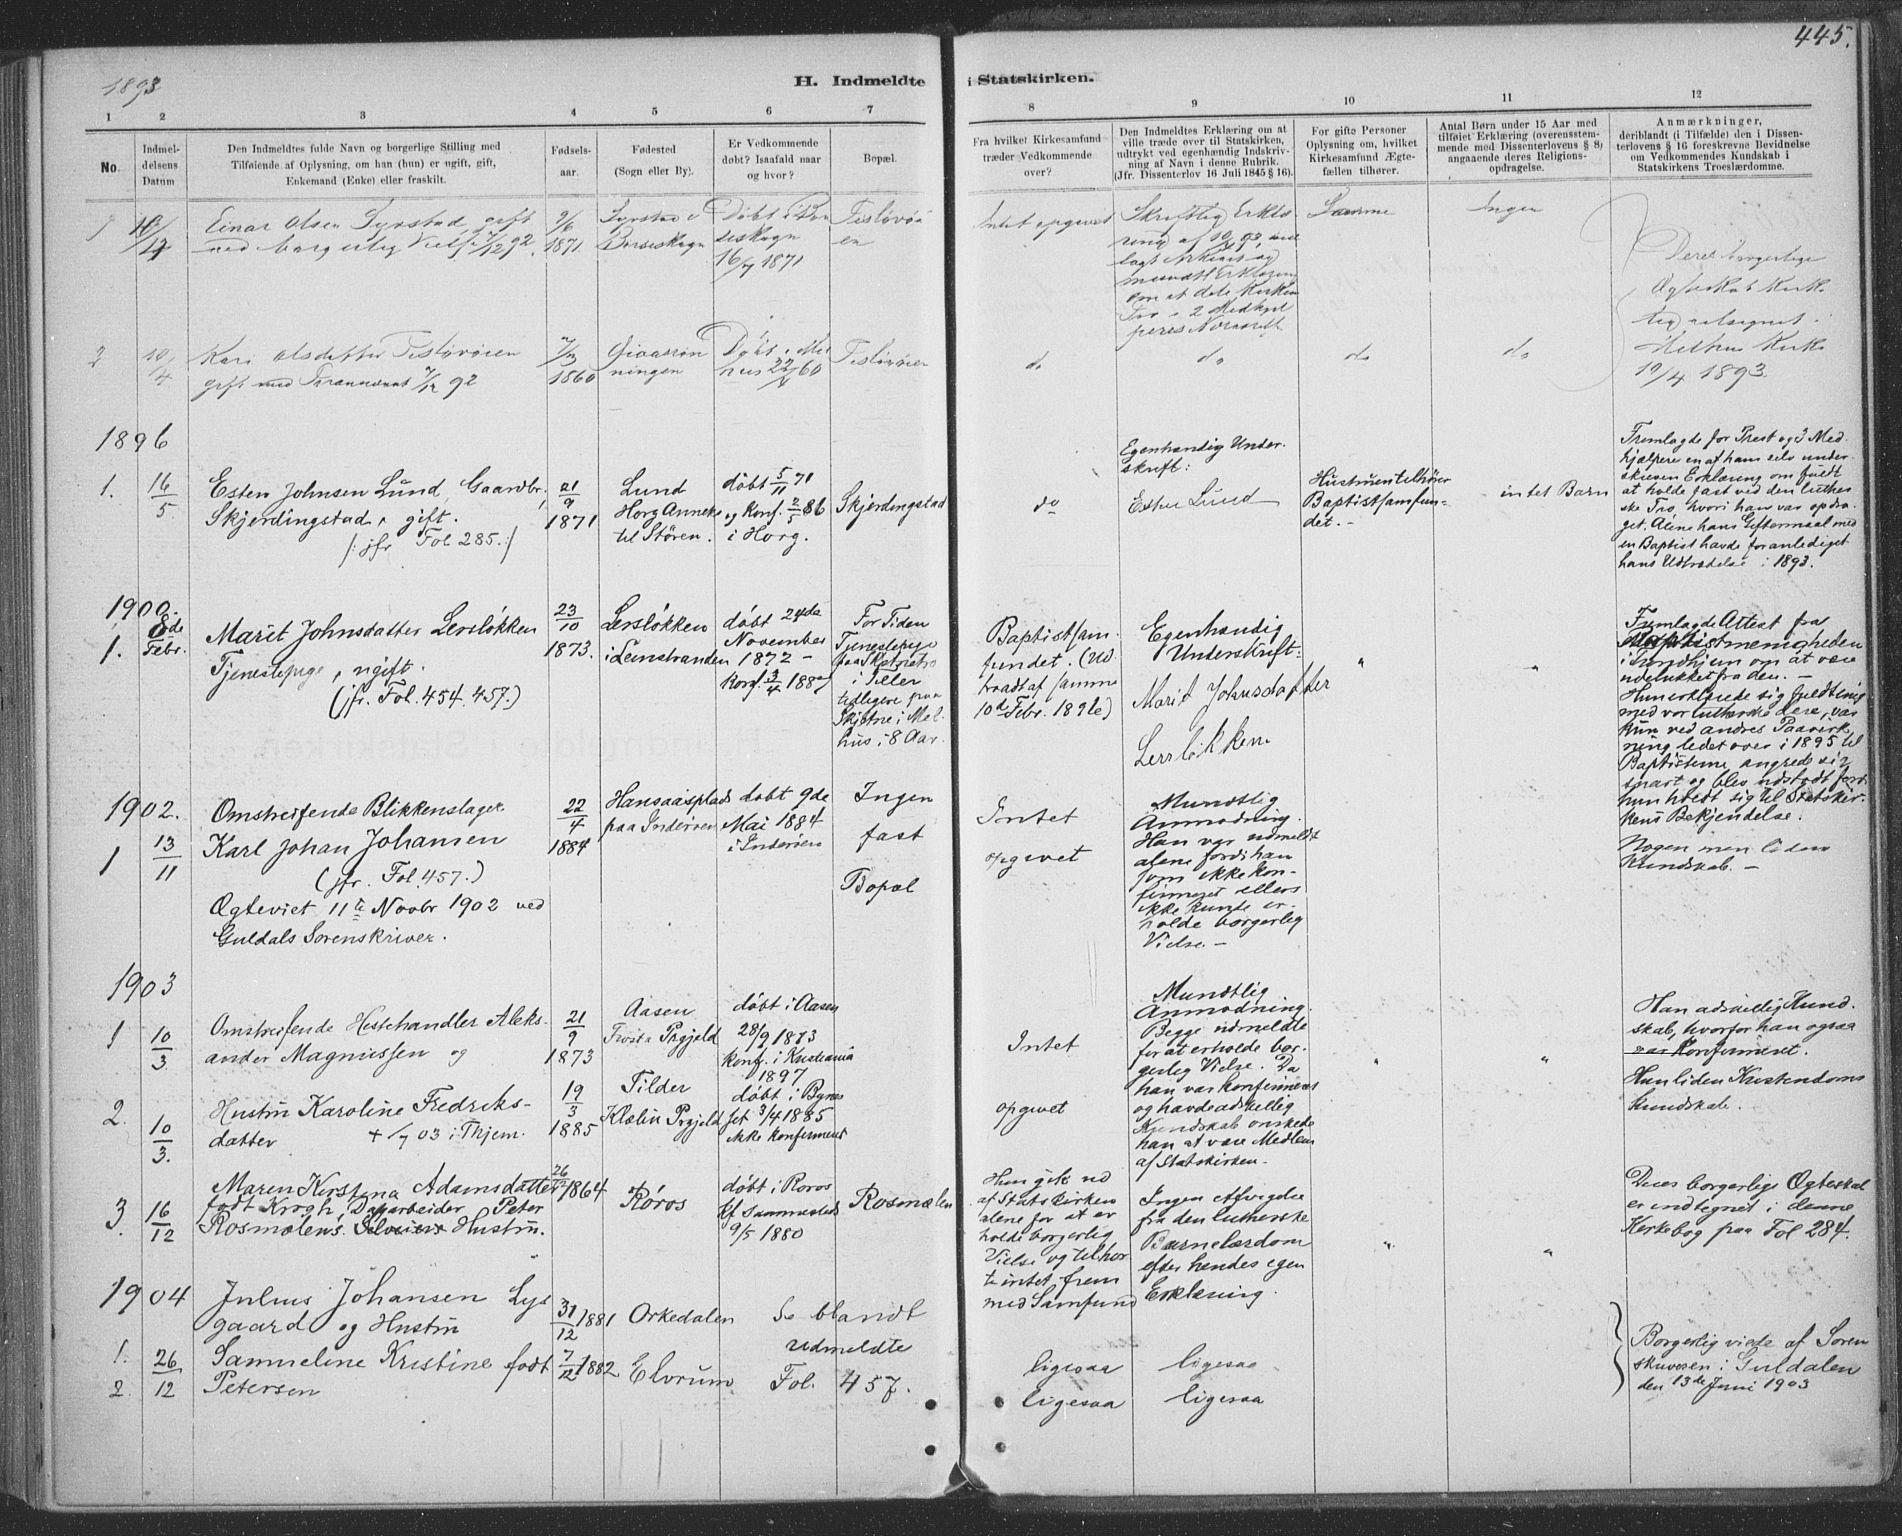 SAT, Ministerialprotokoller, klokkerbøker og fødselsregistre - Sør-Trøndelag, 691/L1085: Ministerialbok nr. 691A17, 1887-1908, s. 445